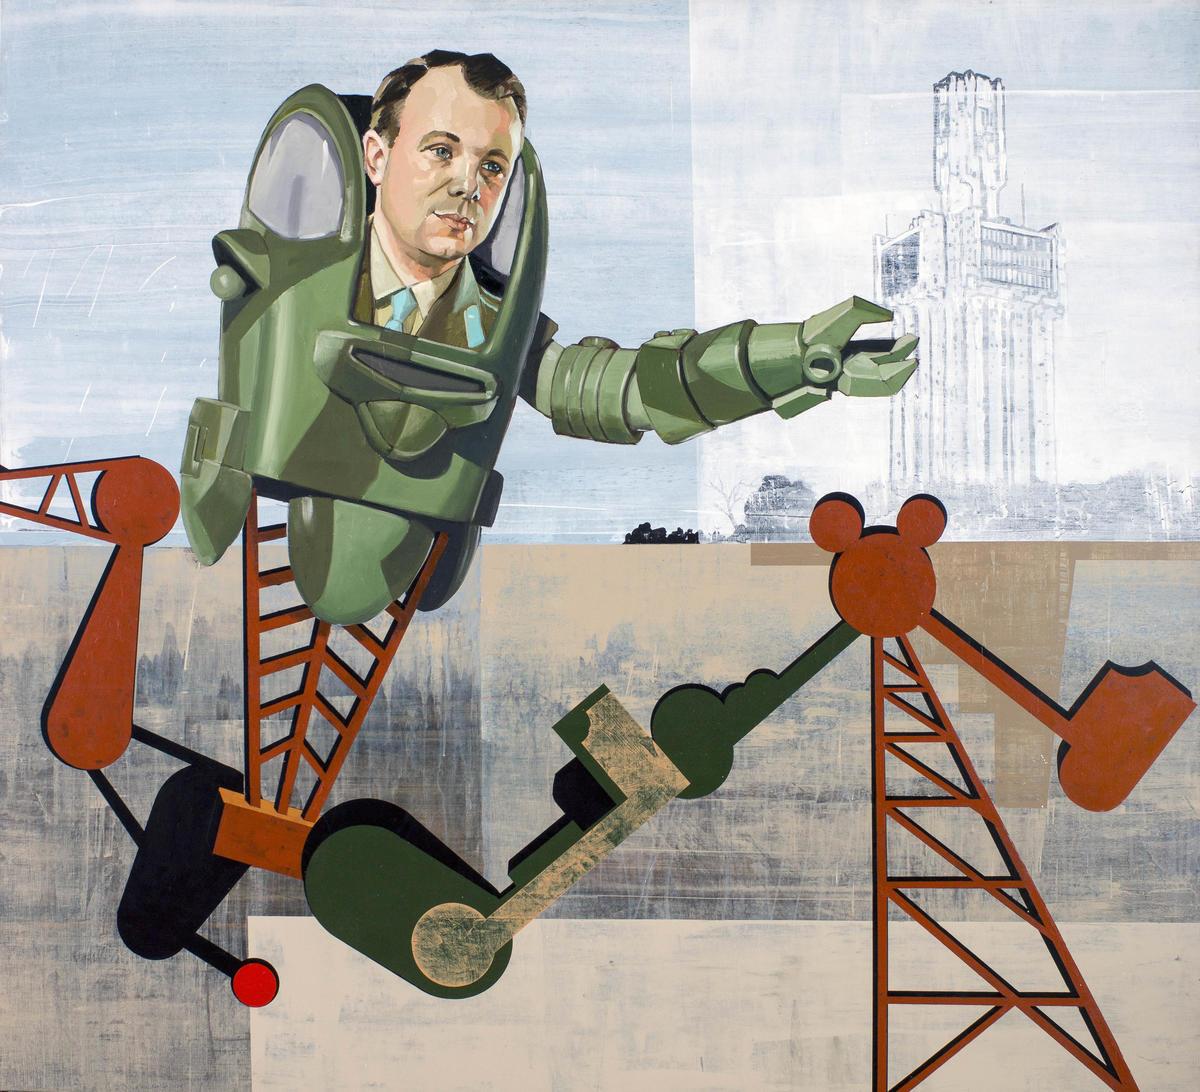 El sueño de Yuri Gagarin